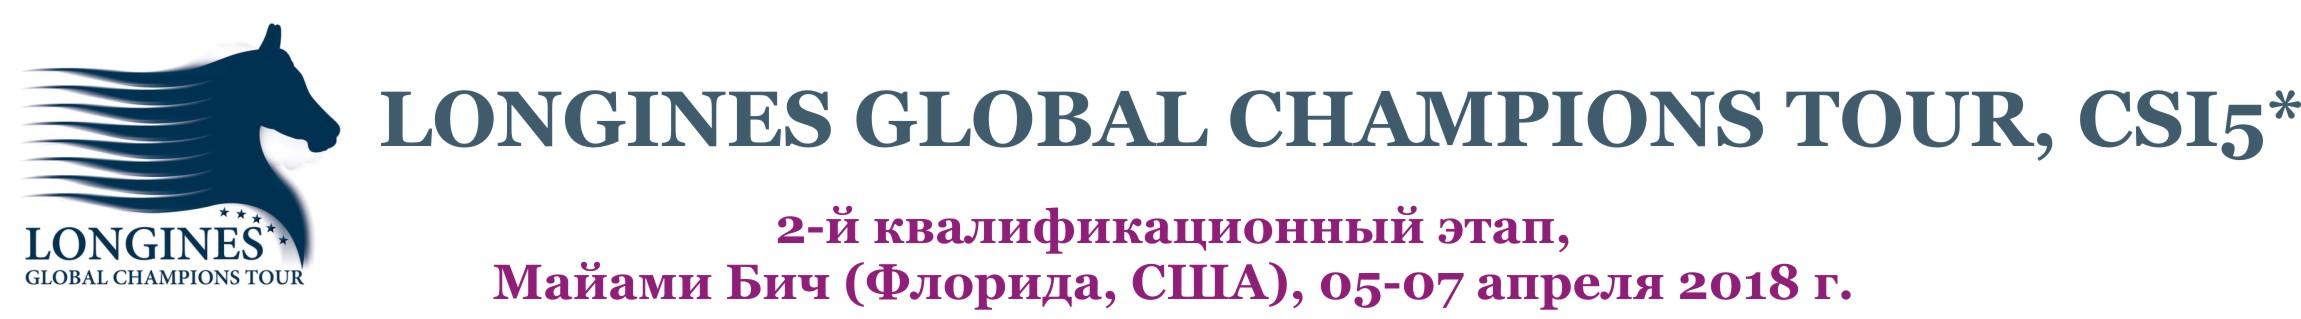 Longines Global Champions Tour, CSI5* 2-й квалификационный этап, Майами Бич (Флорида, США)_(выпуск журнала №40)